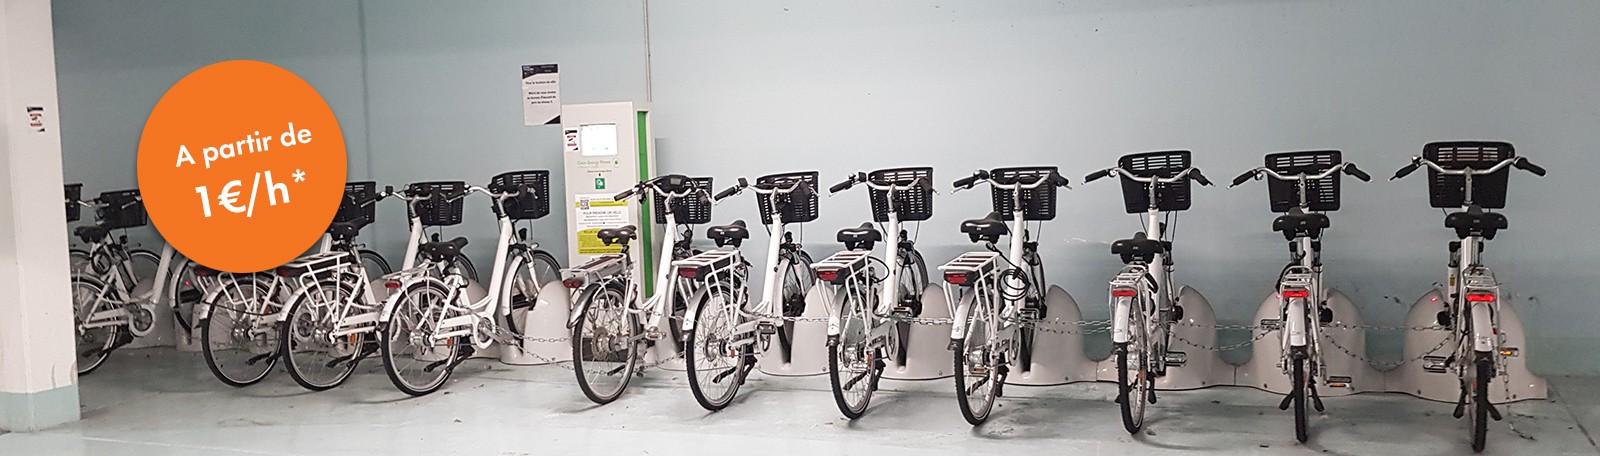 Nouveau : Service de location de vélo à partir de 1 euro